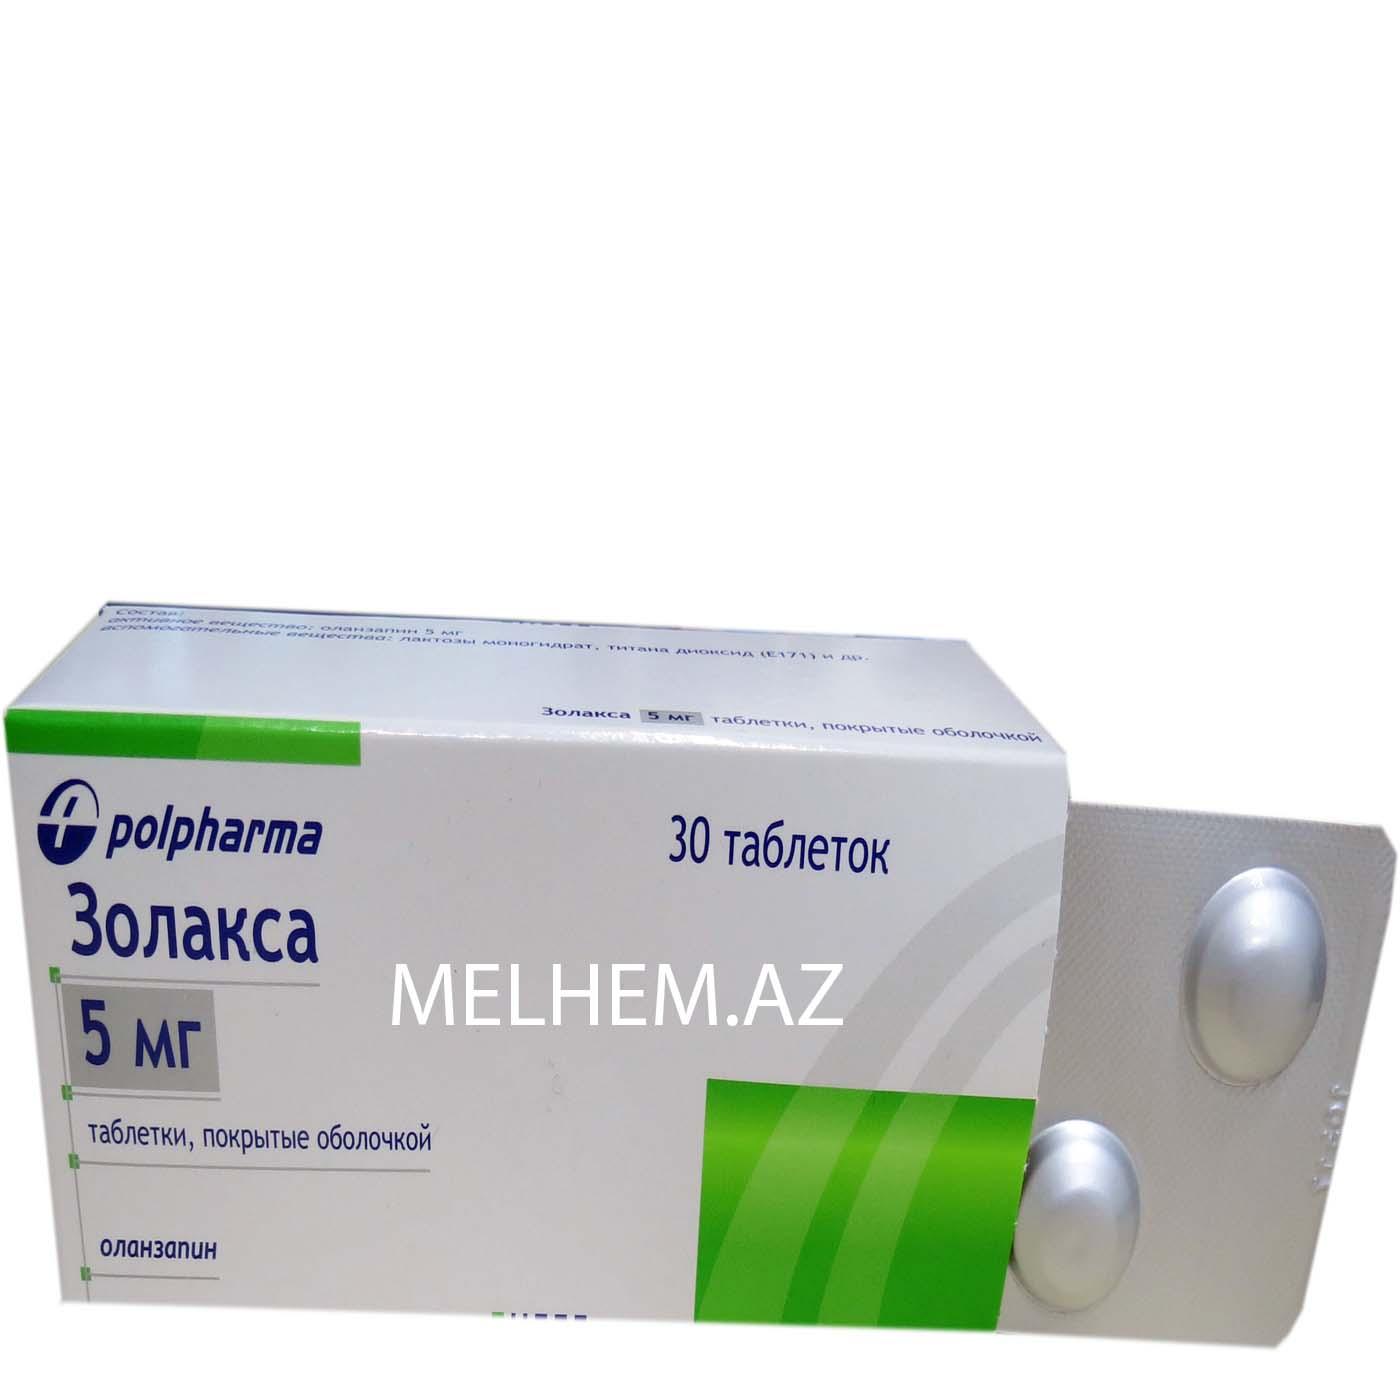 ZOLAKSA 5 MQ